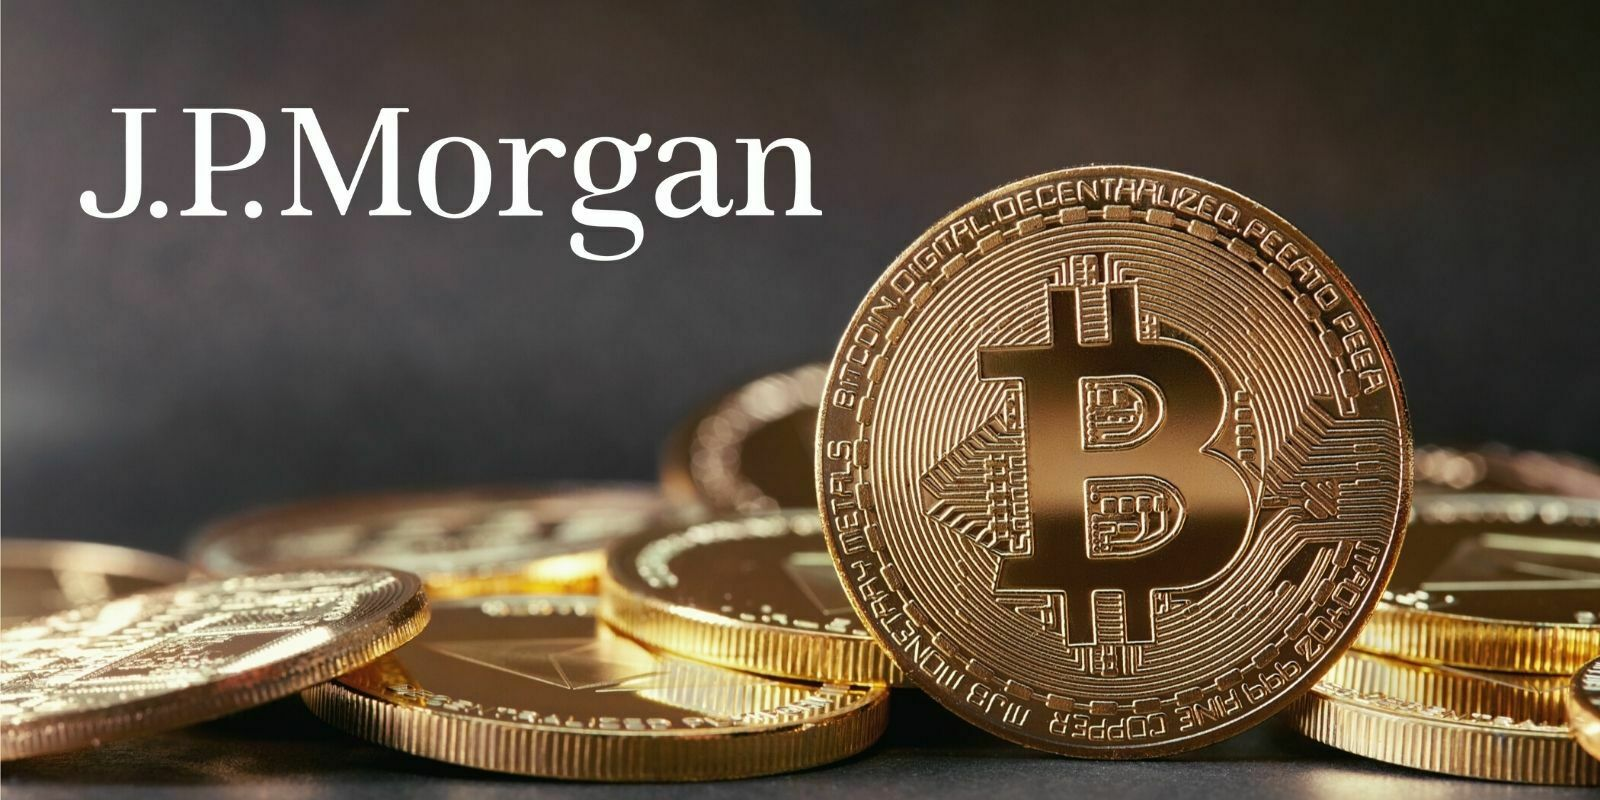 JPMorgan proposera le trading de Bitcoin (BTC) si la demande devient suffisante